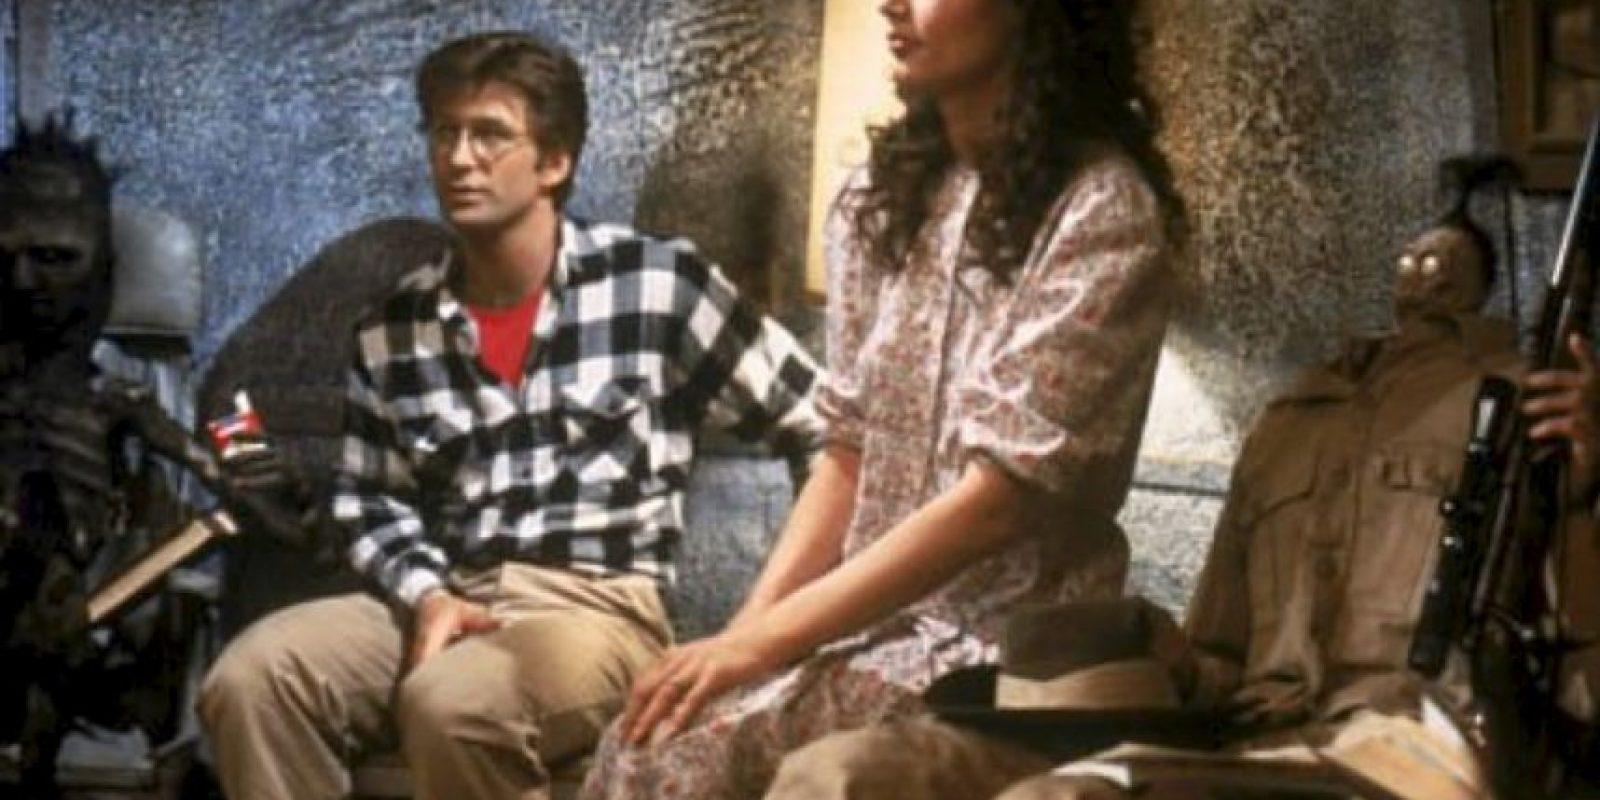 """Le dieron vida a """"Adam"""" y """"Bárbara"""", una pareja que muere en un accidente automovilístico y pide la ayuda de """"Beetlejuice"""" para asustar a los mortales que viven en su casa. Foto:IMDB"""